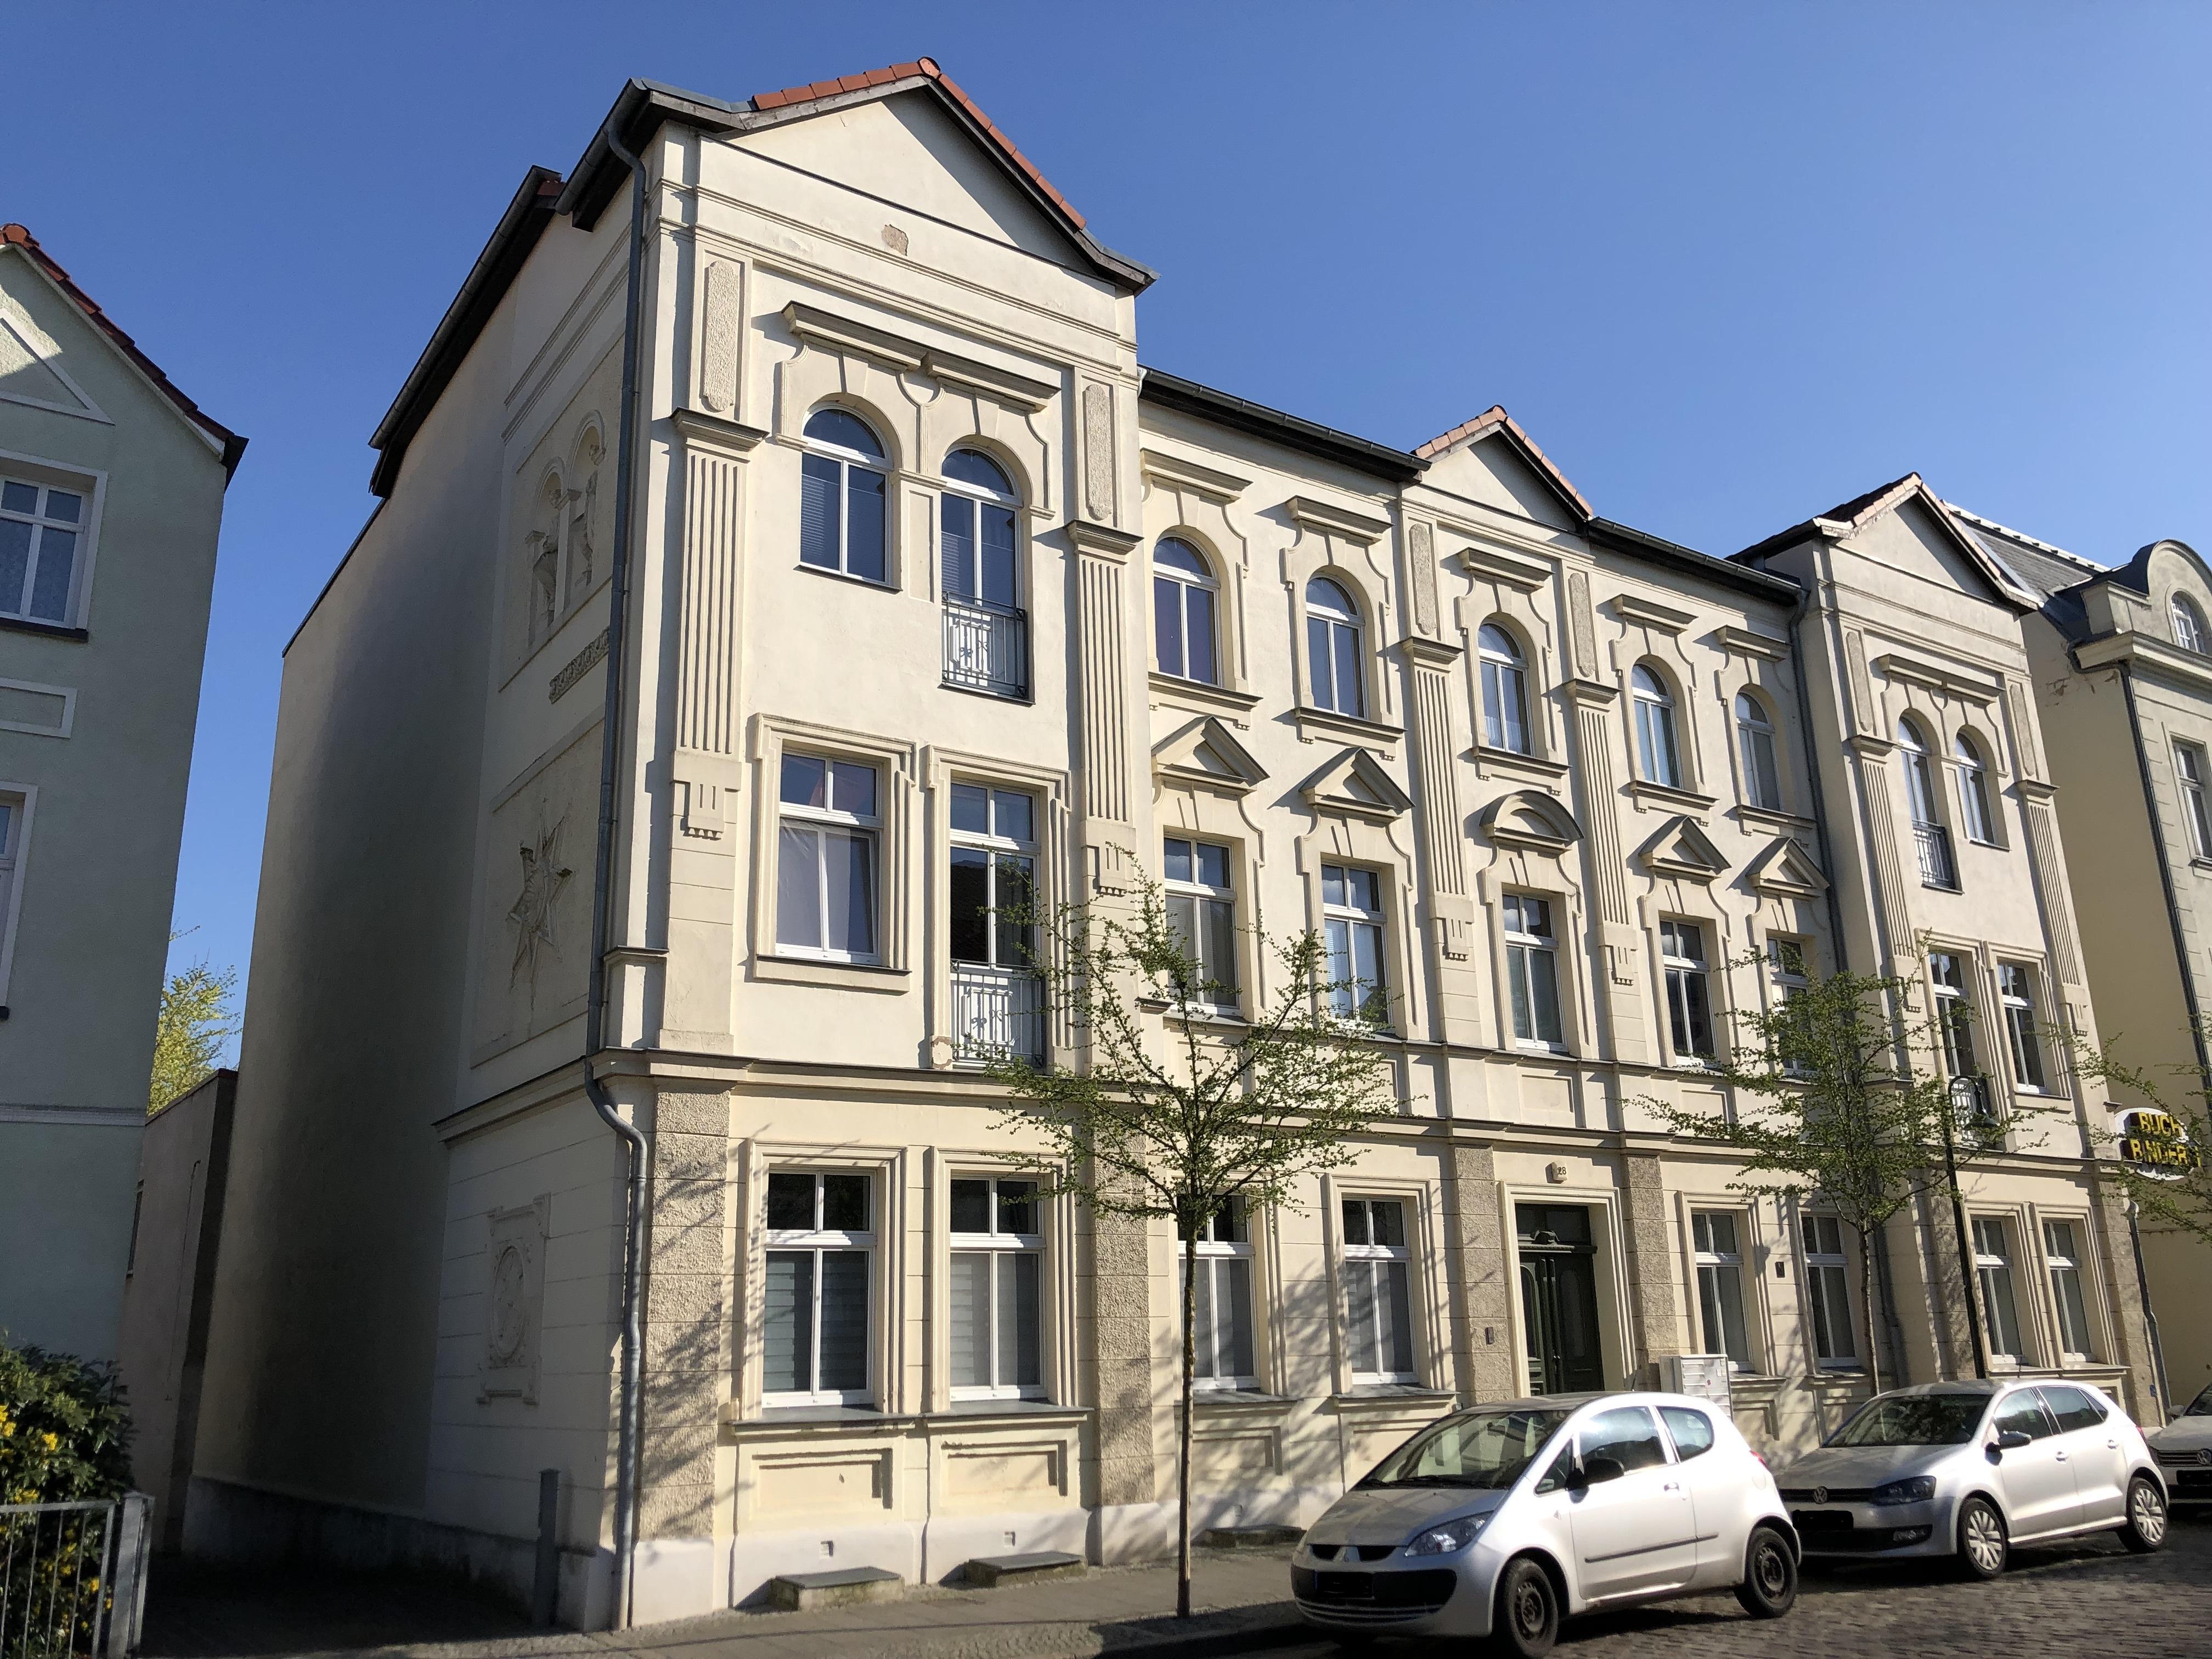 Elisabethstraße 28